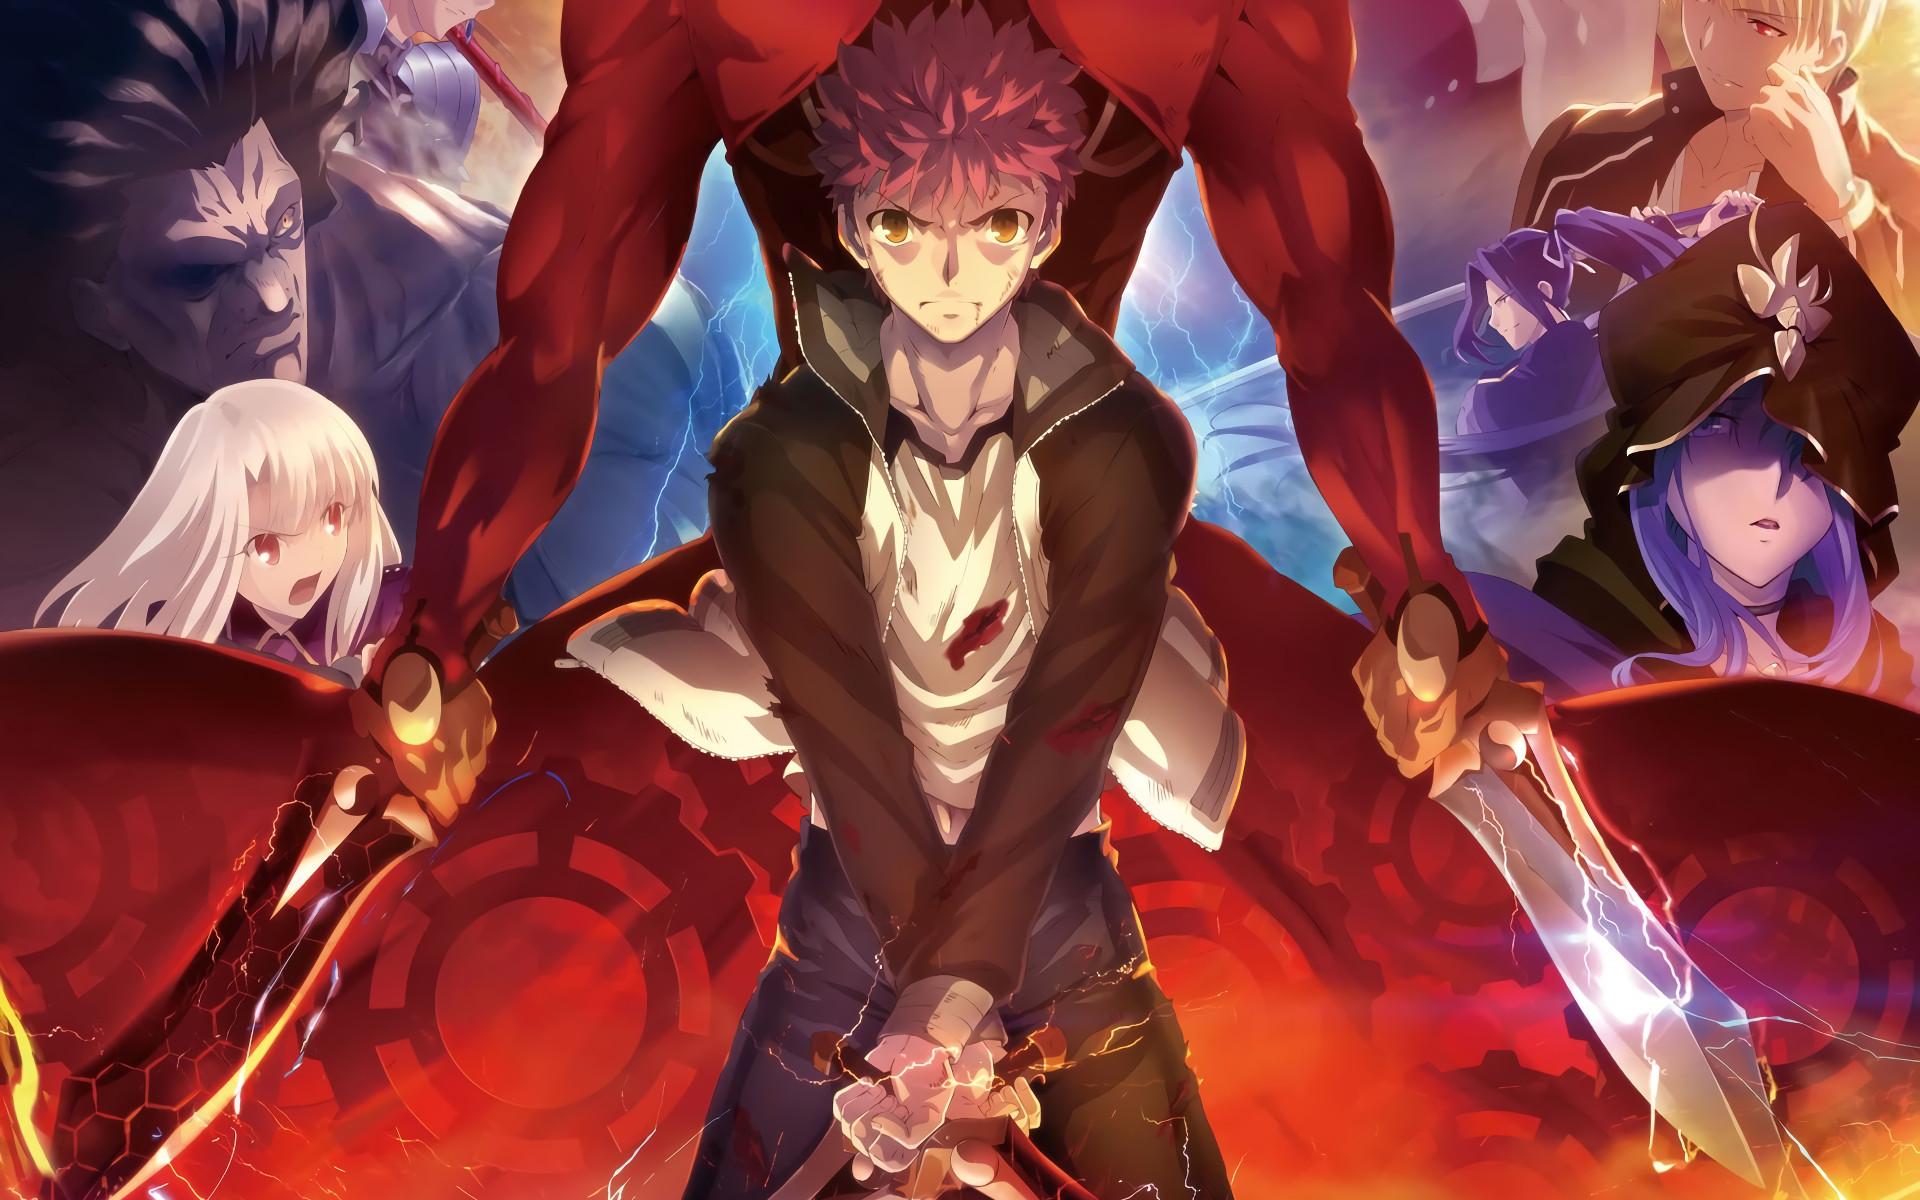 Anime – Fate/Stay Night: Unlimited Blade Works Illyasviel Von Einzbern  Shirou Emiya Archer